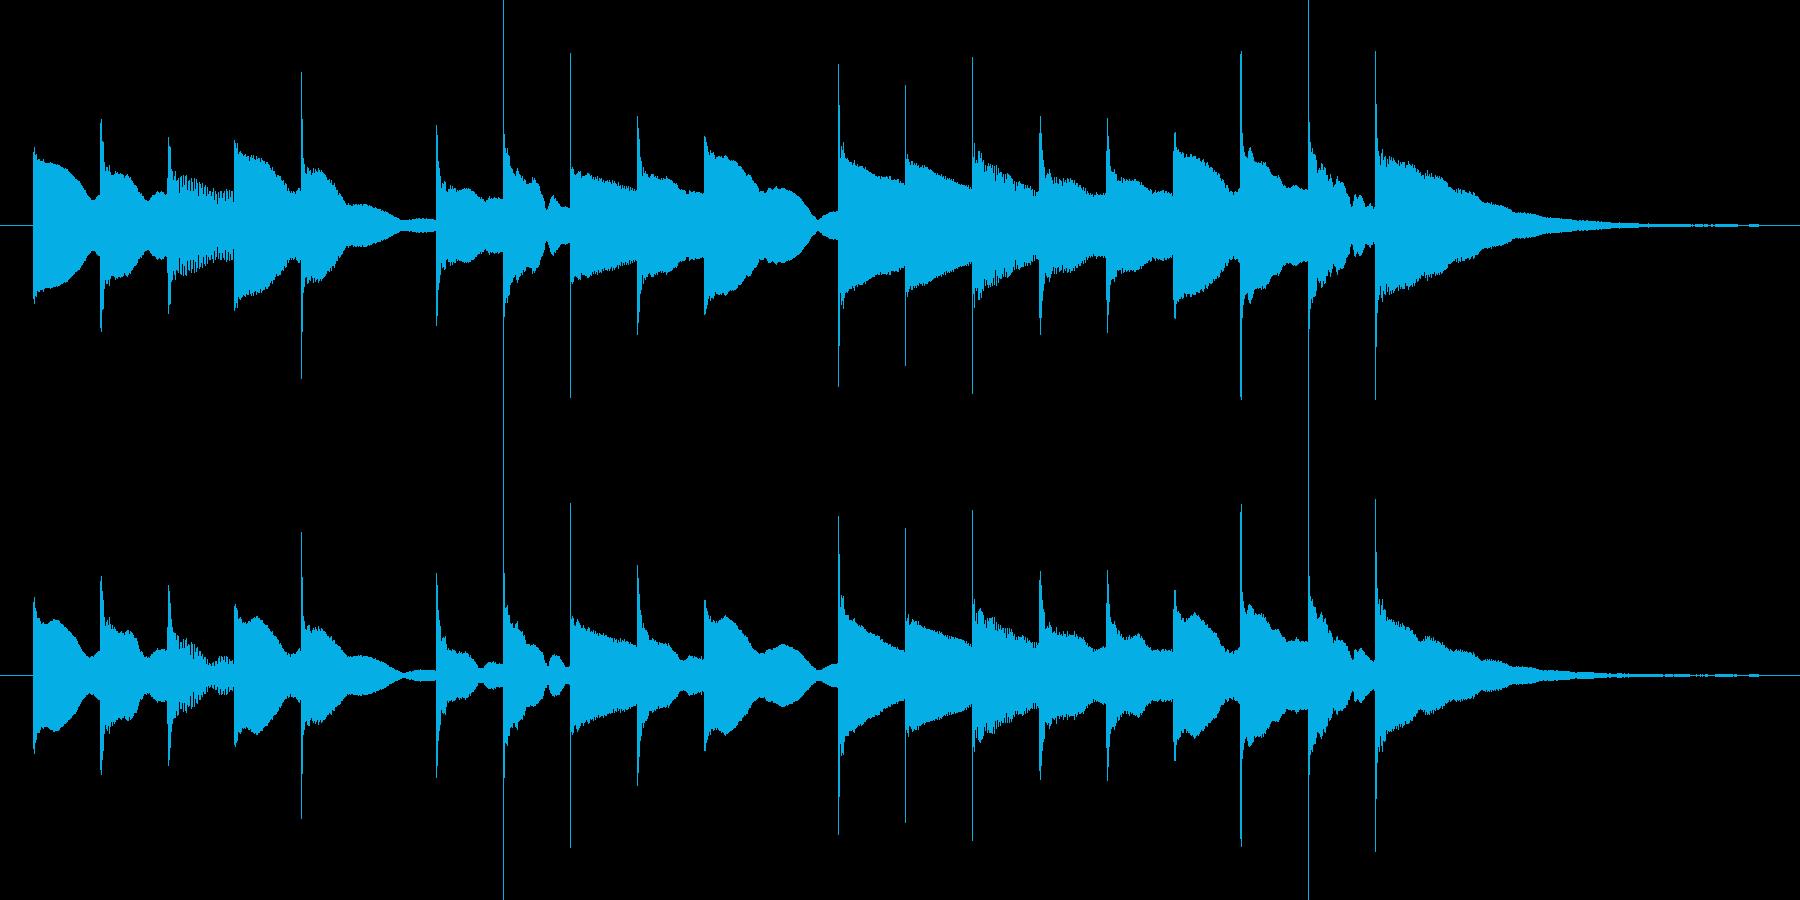 アルプスの牧場のオルゴールの再生済みの波形